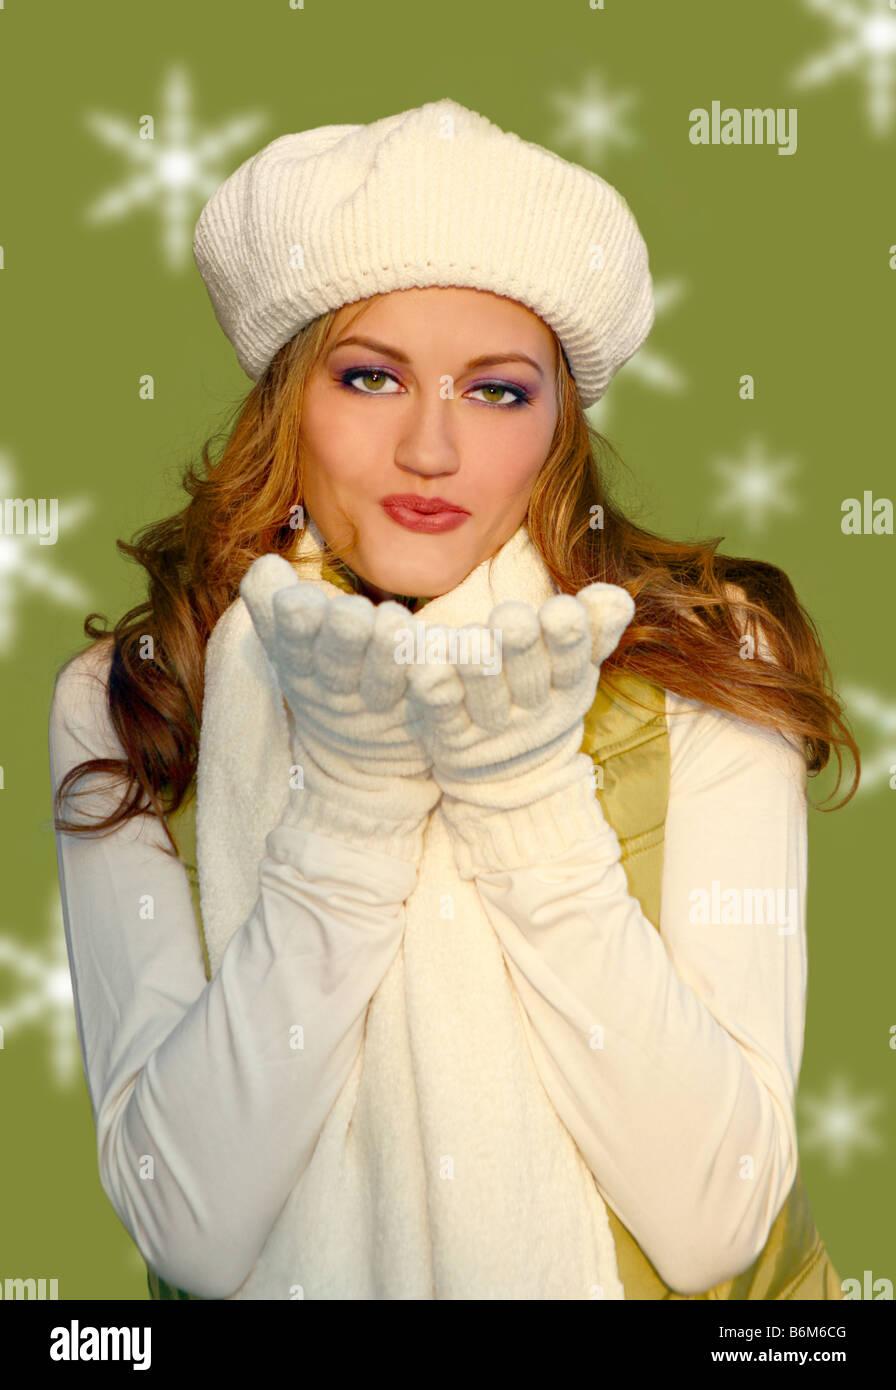 Bella Donna bionda Baci di soffiatura a caldo da indossare abbigliamento invernale Immagini Stock